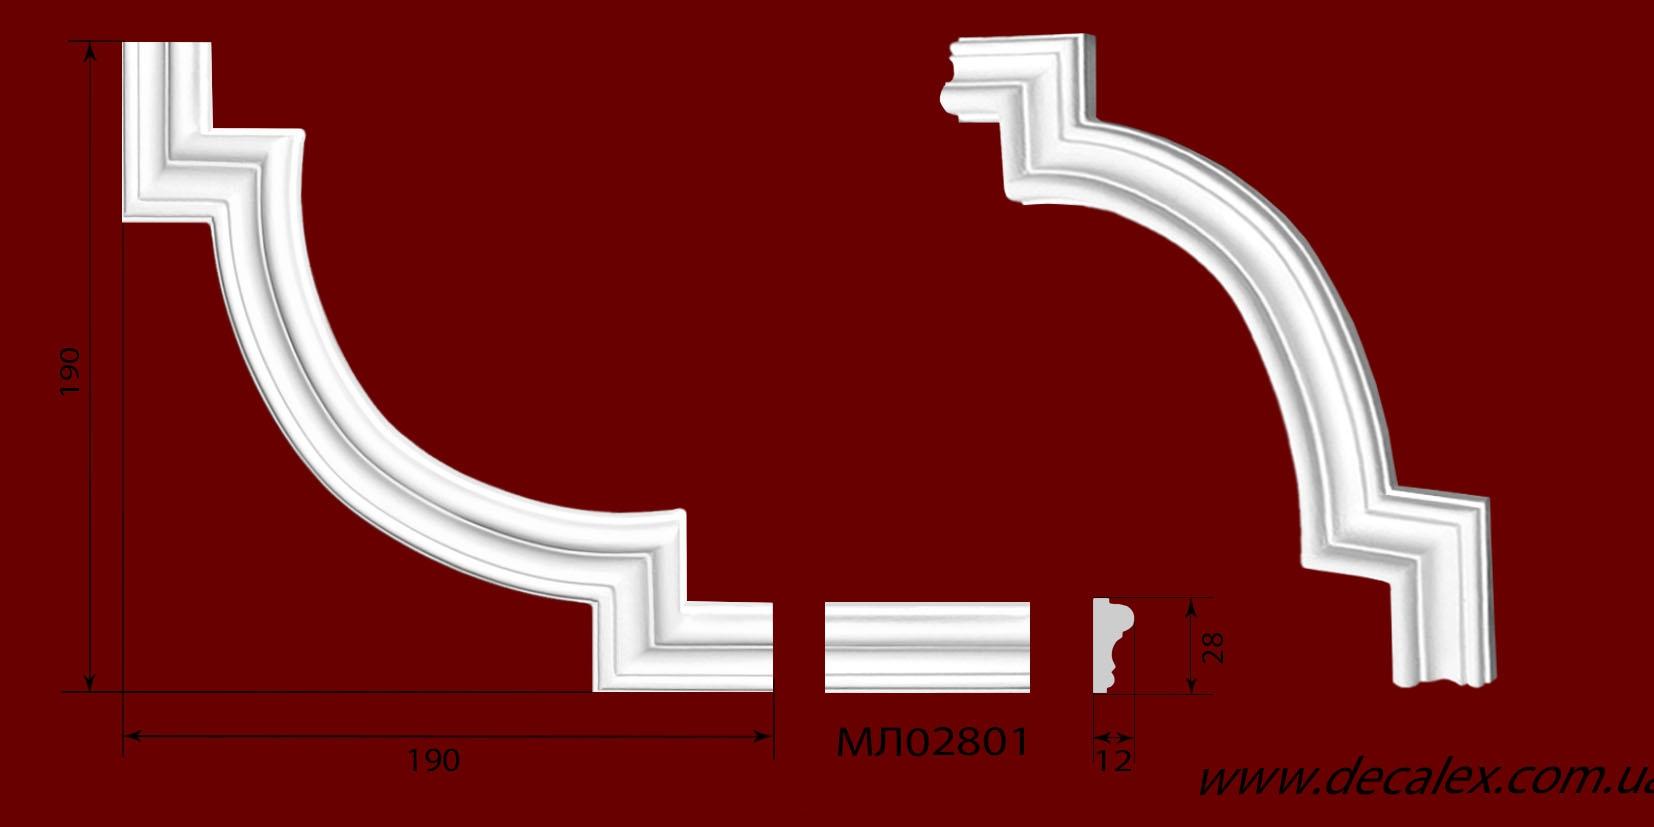 Код товара ГЛ02801-1. Угловой элемент из гипса , стыкуется с МЛ02801. Розничная цена 50 грн./шт.